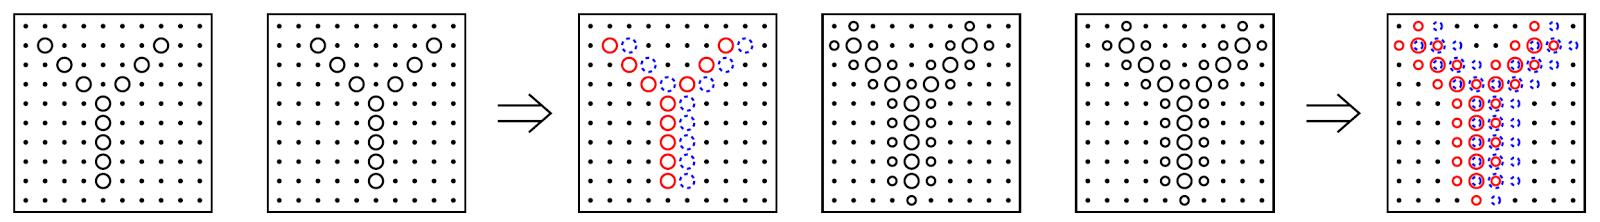 Логика сознания. Часть 9. Искусственные нейронные сети и миниколонки реальной коры - 15